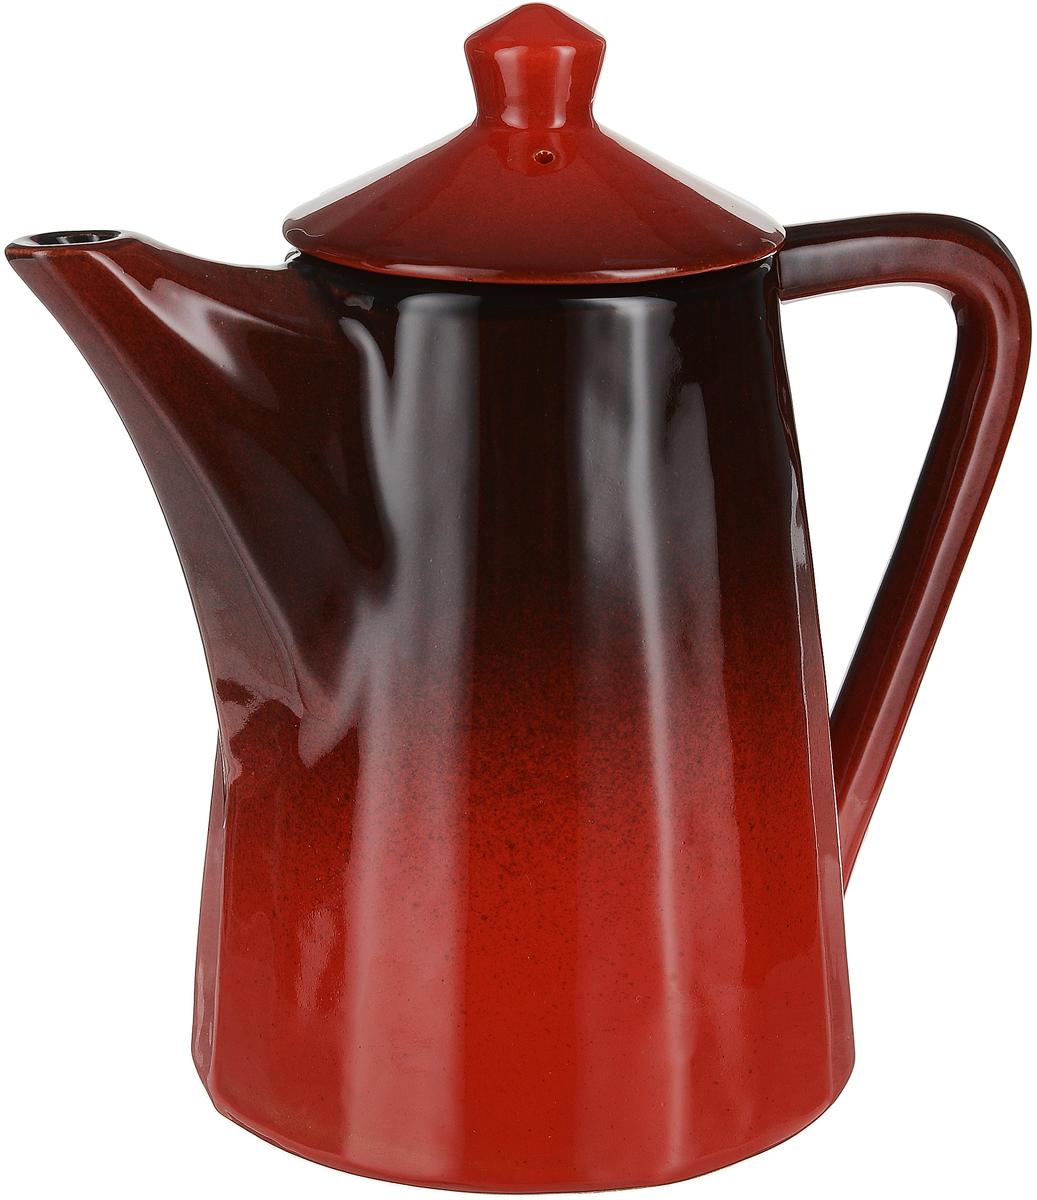 """Чайник заварочный Борисовская керамика """"Ностальгия"""" выполнен из высококачественной керамики. Чайник вытянутой формы с коротким носиком и практичной ручкой. Крышка дополнена удобным держателем. Внутри заварочного чайника находится сотейник, изготовленный также из керамики. Изделие выполнено в двух цветах в технике """"градиент""""."""